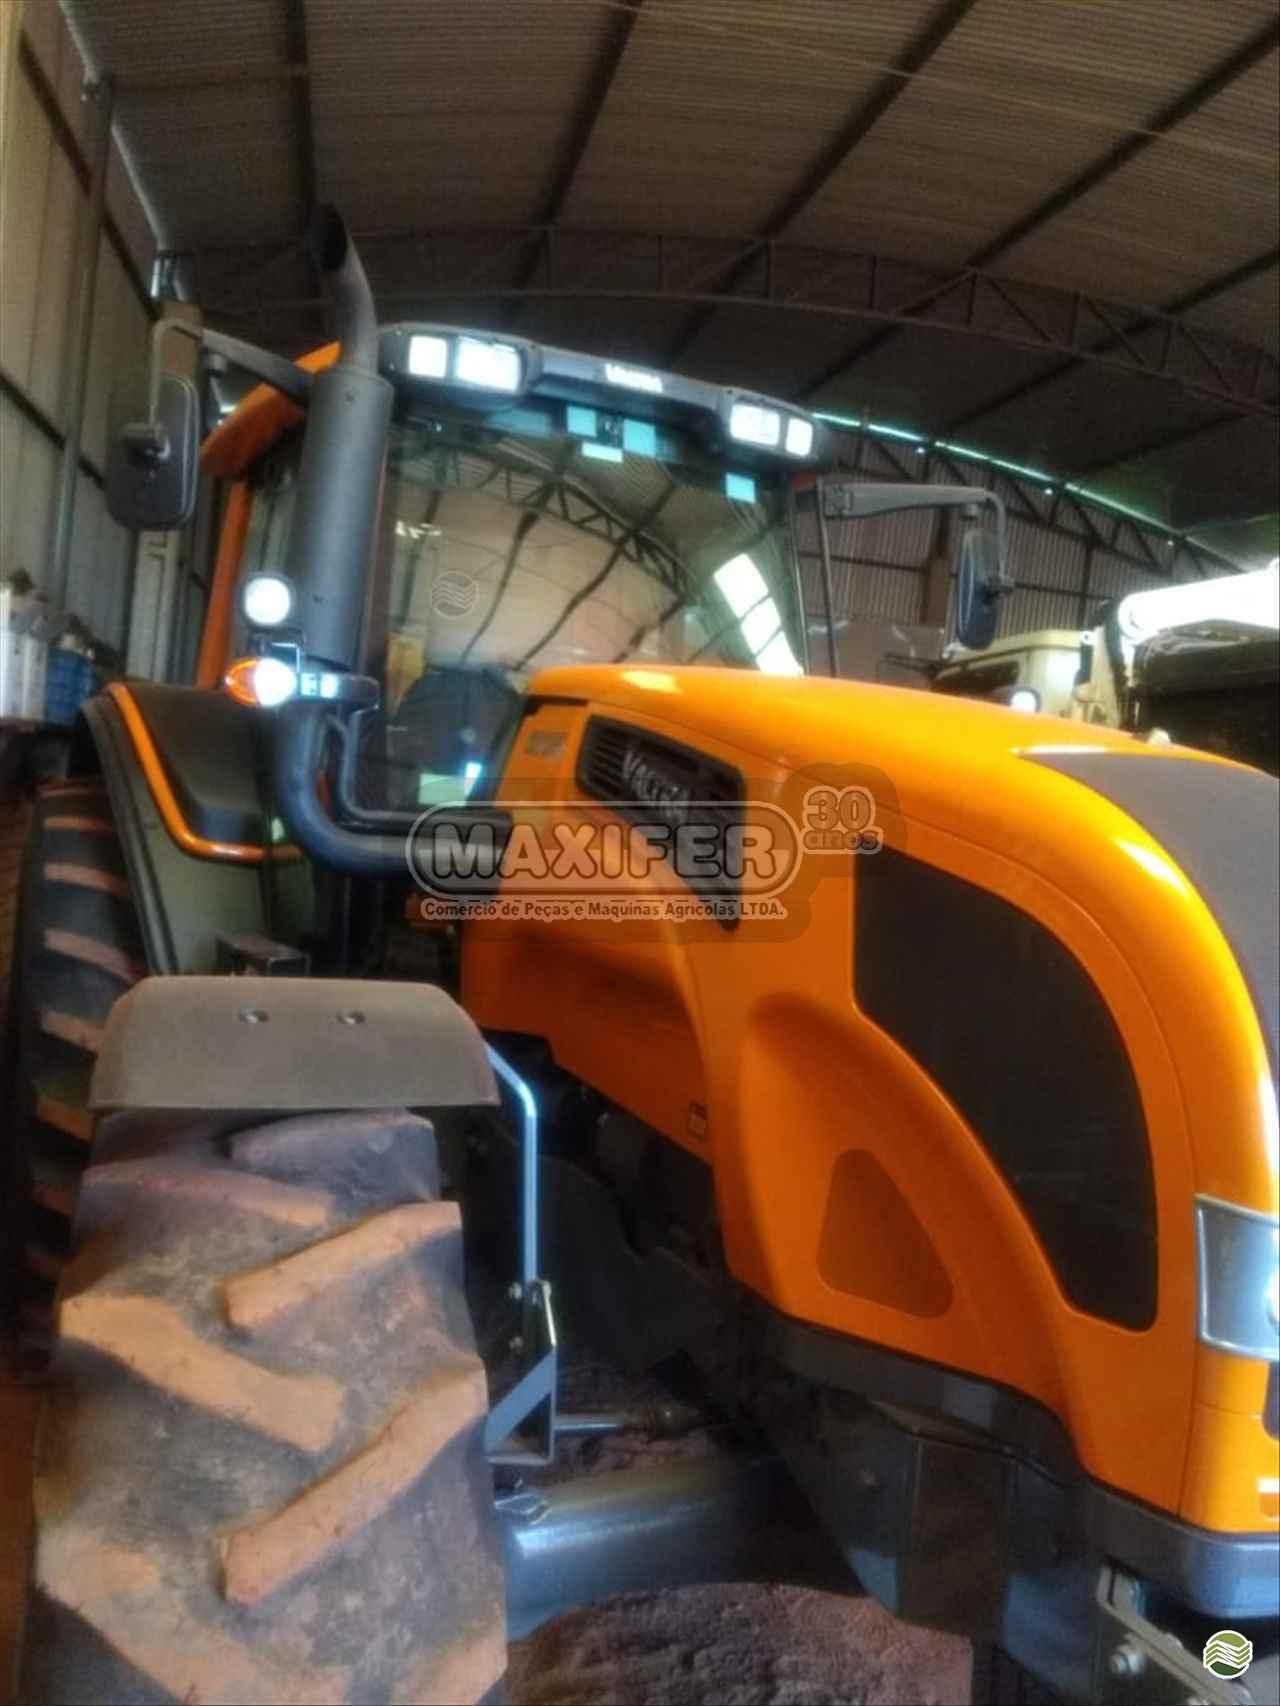 TRATOR VALTRA VALTRA BH 135 Tração 4x4 Maxifer Máquinas Agrícolas CAMPINAS DO SUL RIO GRANDE DO SUL RS